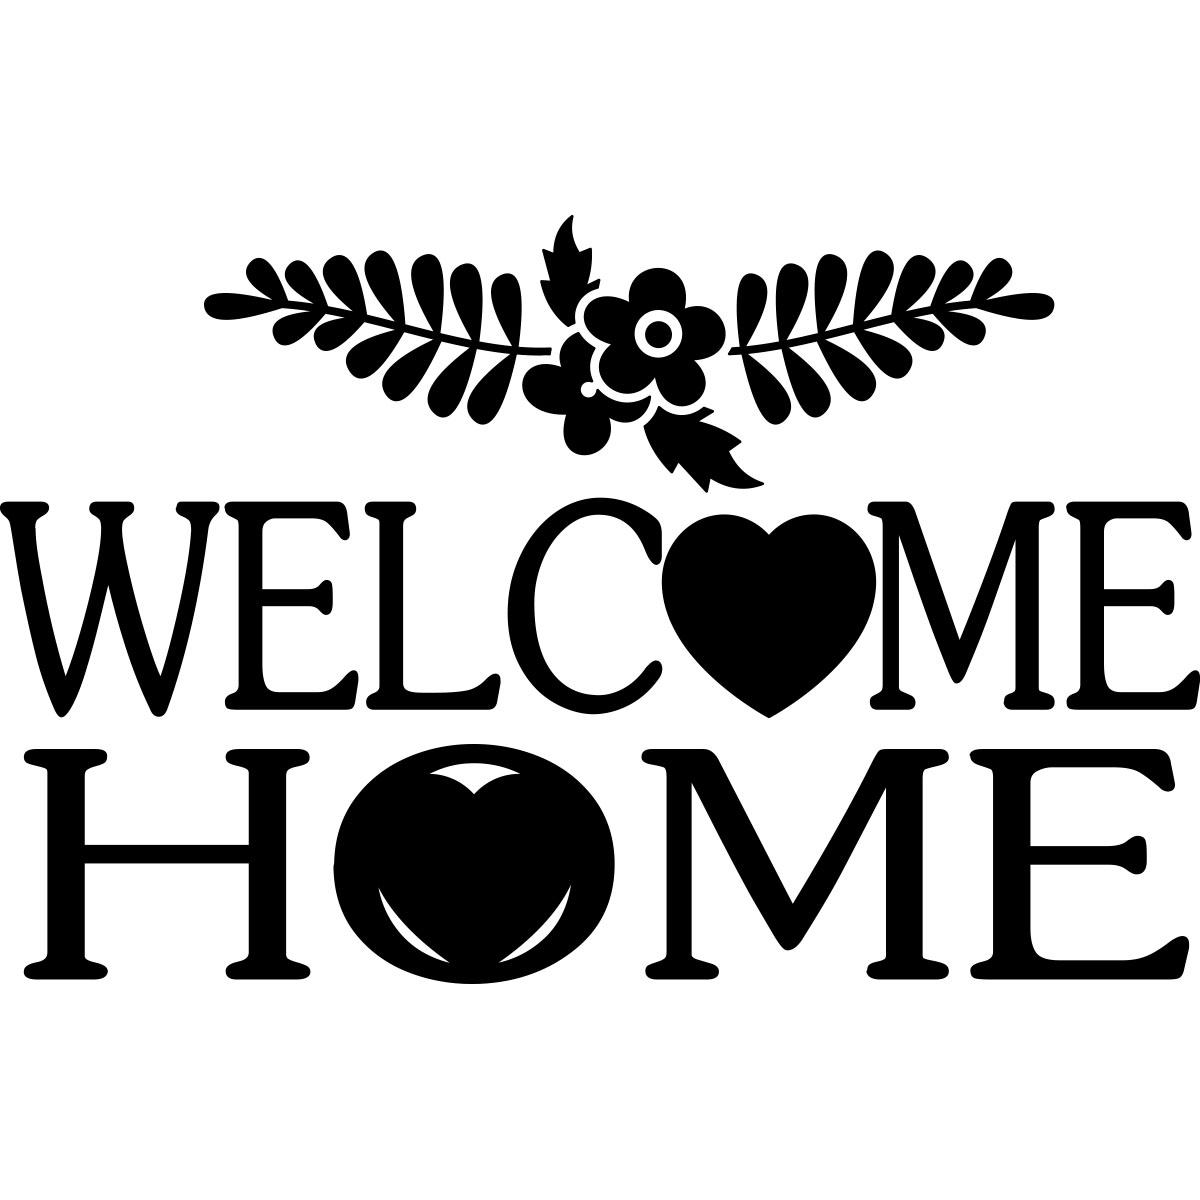 sticker-welcome-home-design-7-ambiance-sticker-KC6545.jpg